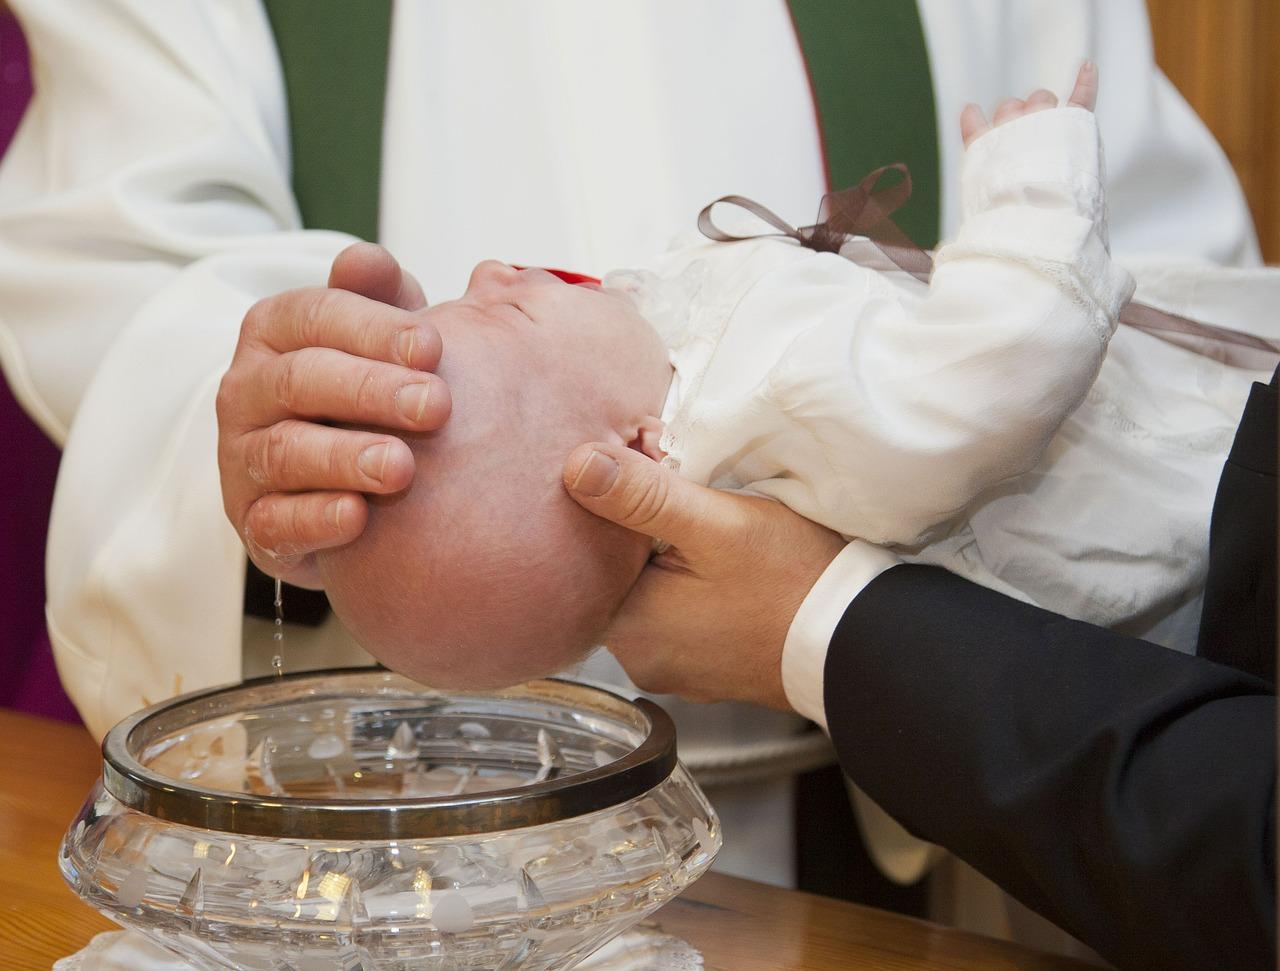 ᑕ❶ᑐ Fürbitten Zur Taufe Alle Infos Zur Taufe 2018